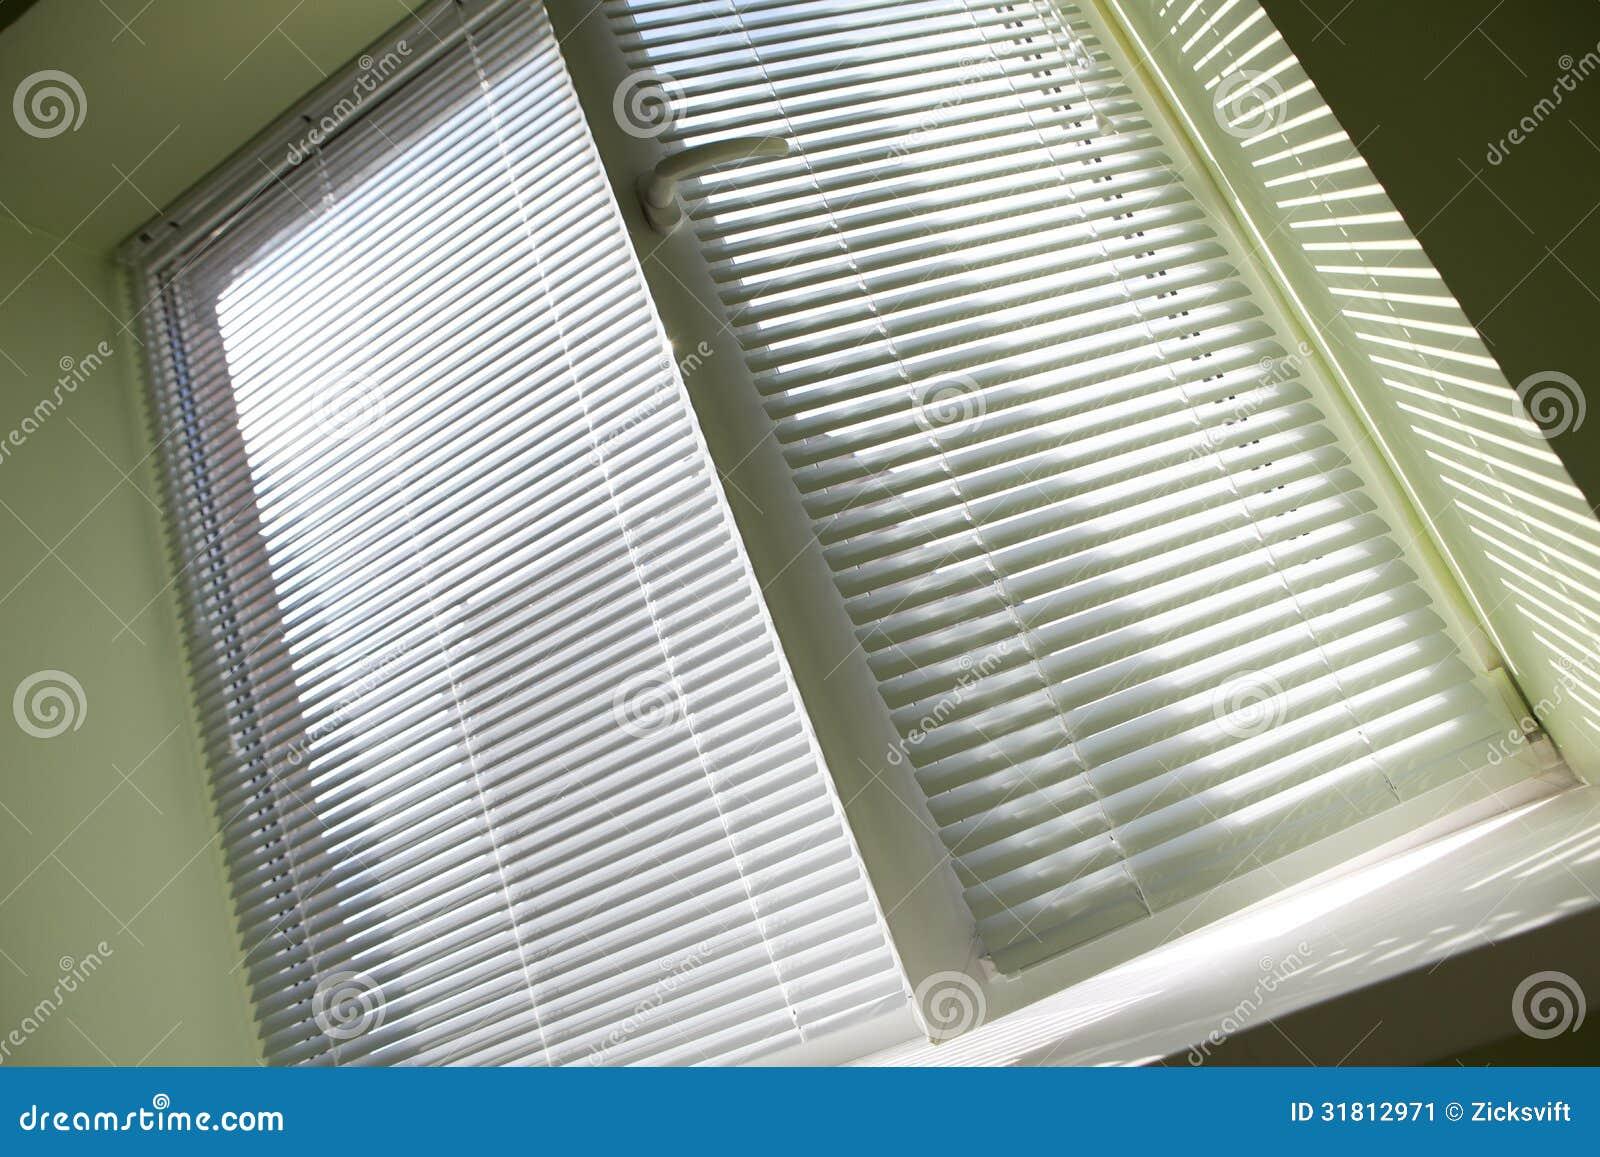 window blinds stock image image 31812971. Black Bedroom Furniture Sets. Home Design Ideas